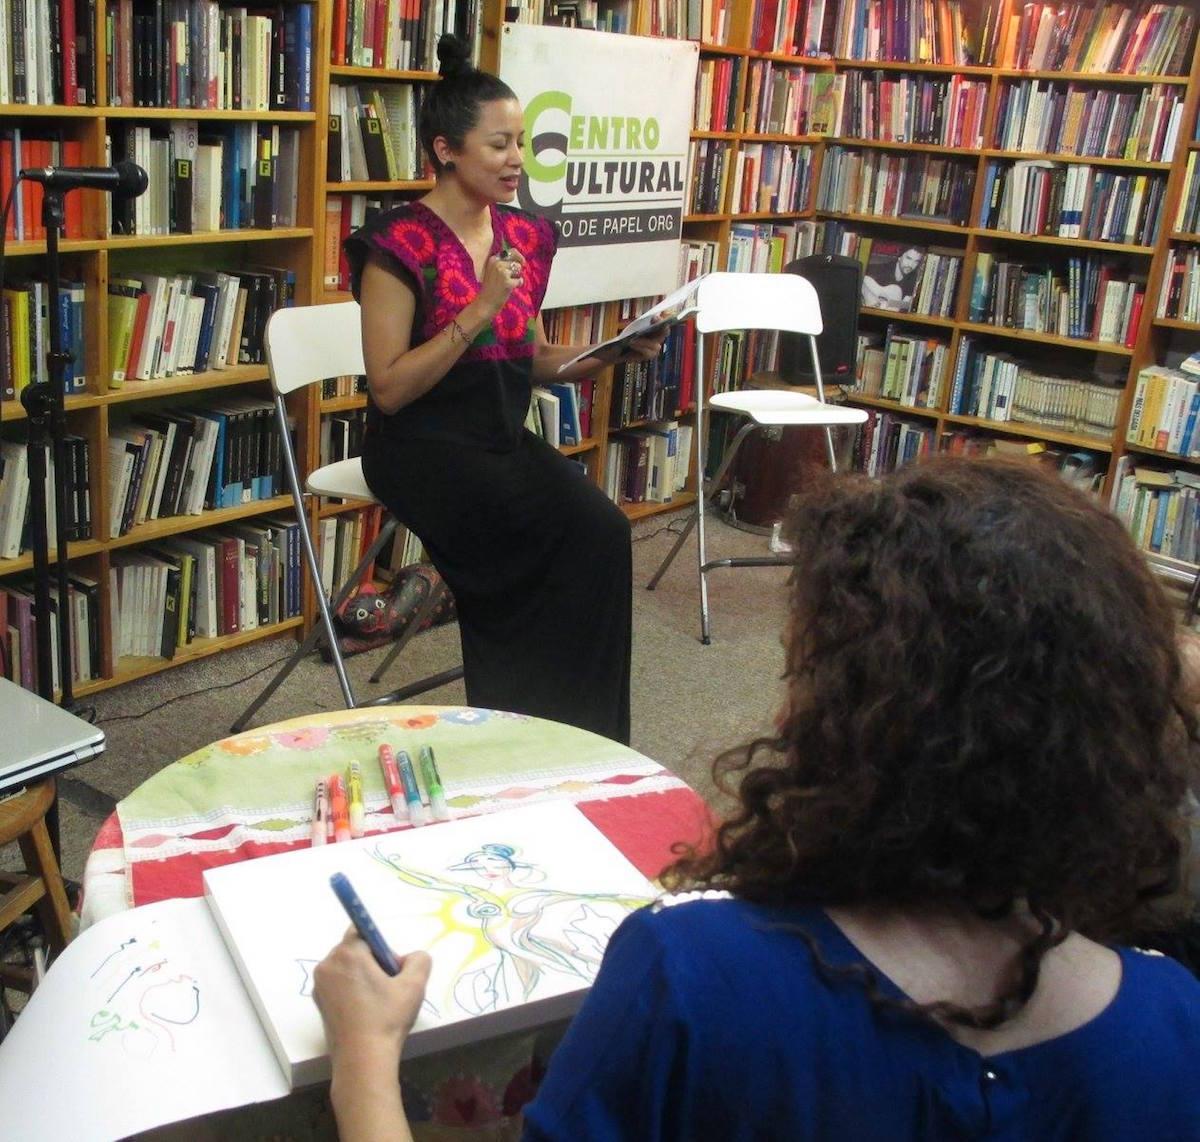 Andrea Tierra recita sus poemas, mientras Kinklo inspirada dibuja.